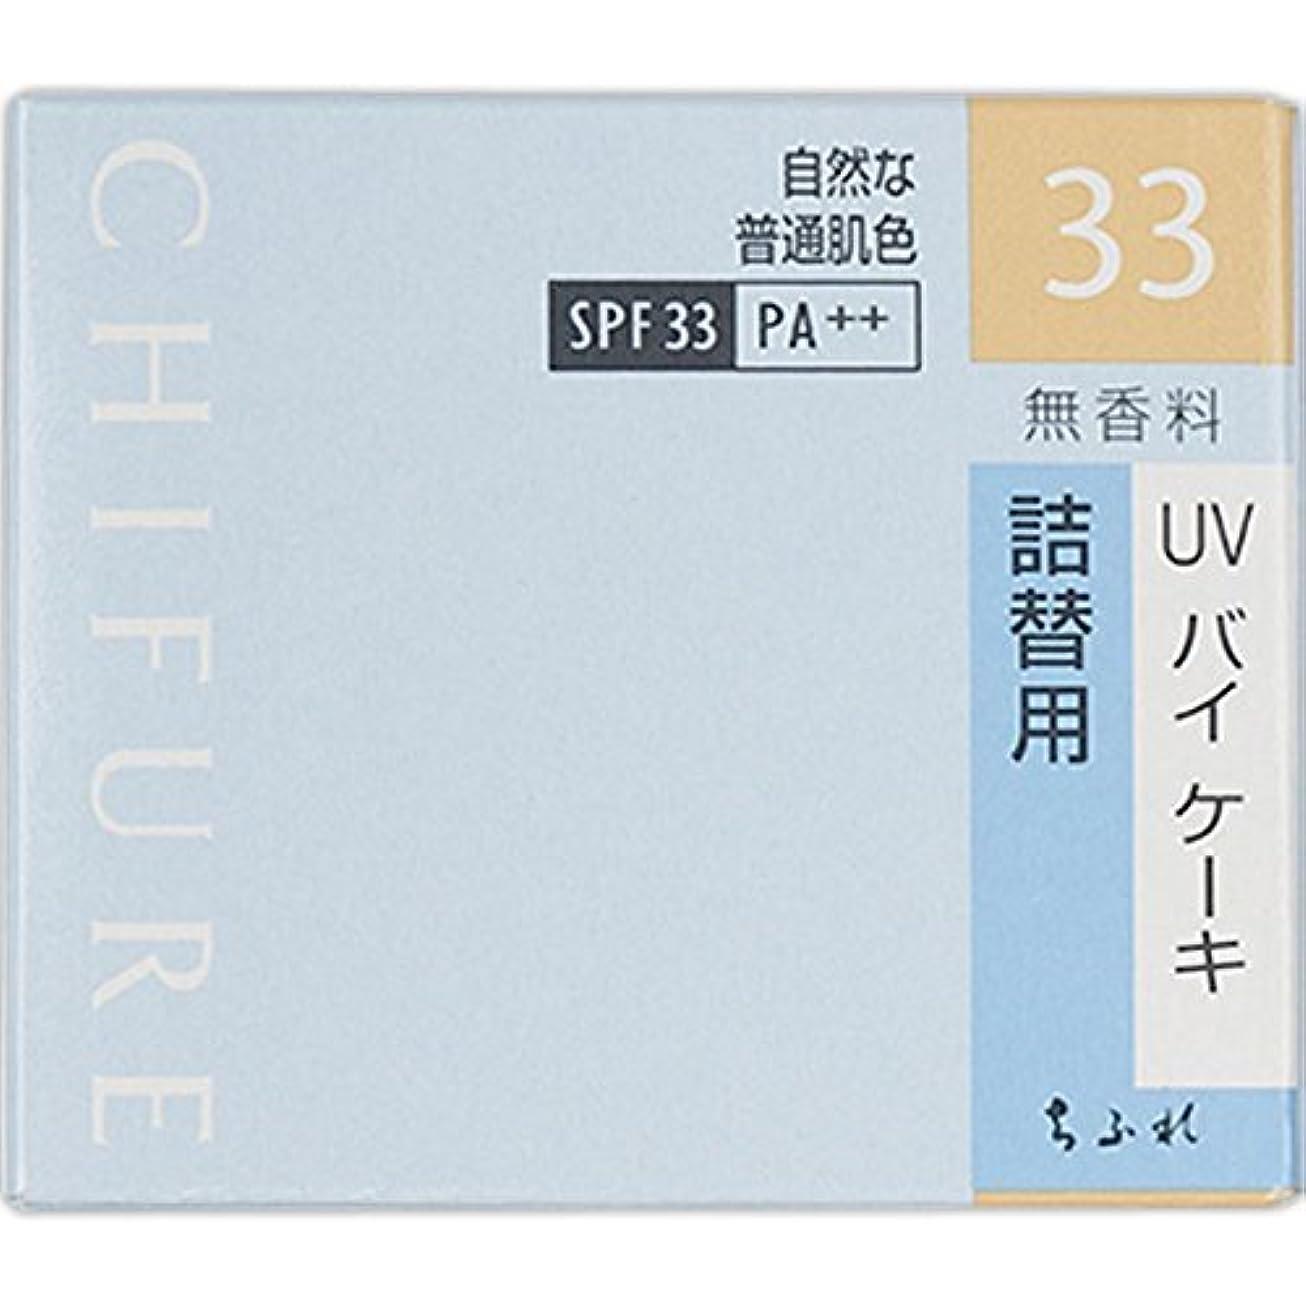 コードレスボス記念碑ちふれ化粧品 UV バイ ケーキ 詰替用 33 自然な普通肌色 14g